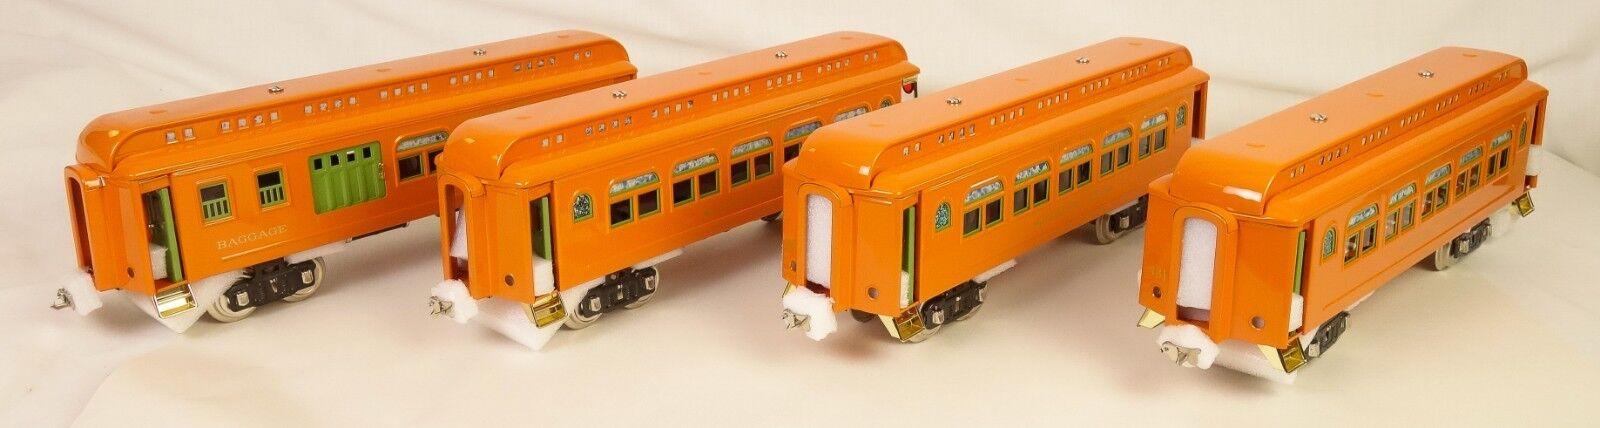 MTH (Lionel) 10-6  Set 418 Hermoso Naranja Contemporáneo turismos-Menta en caja